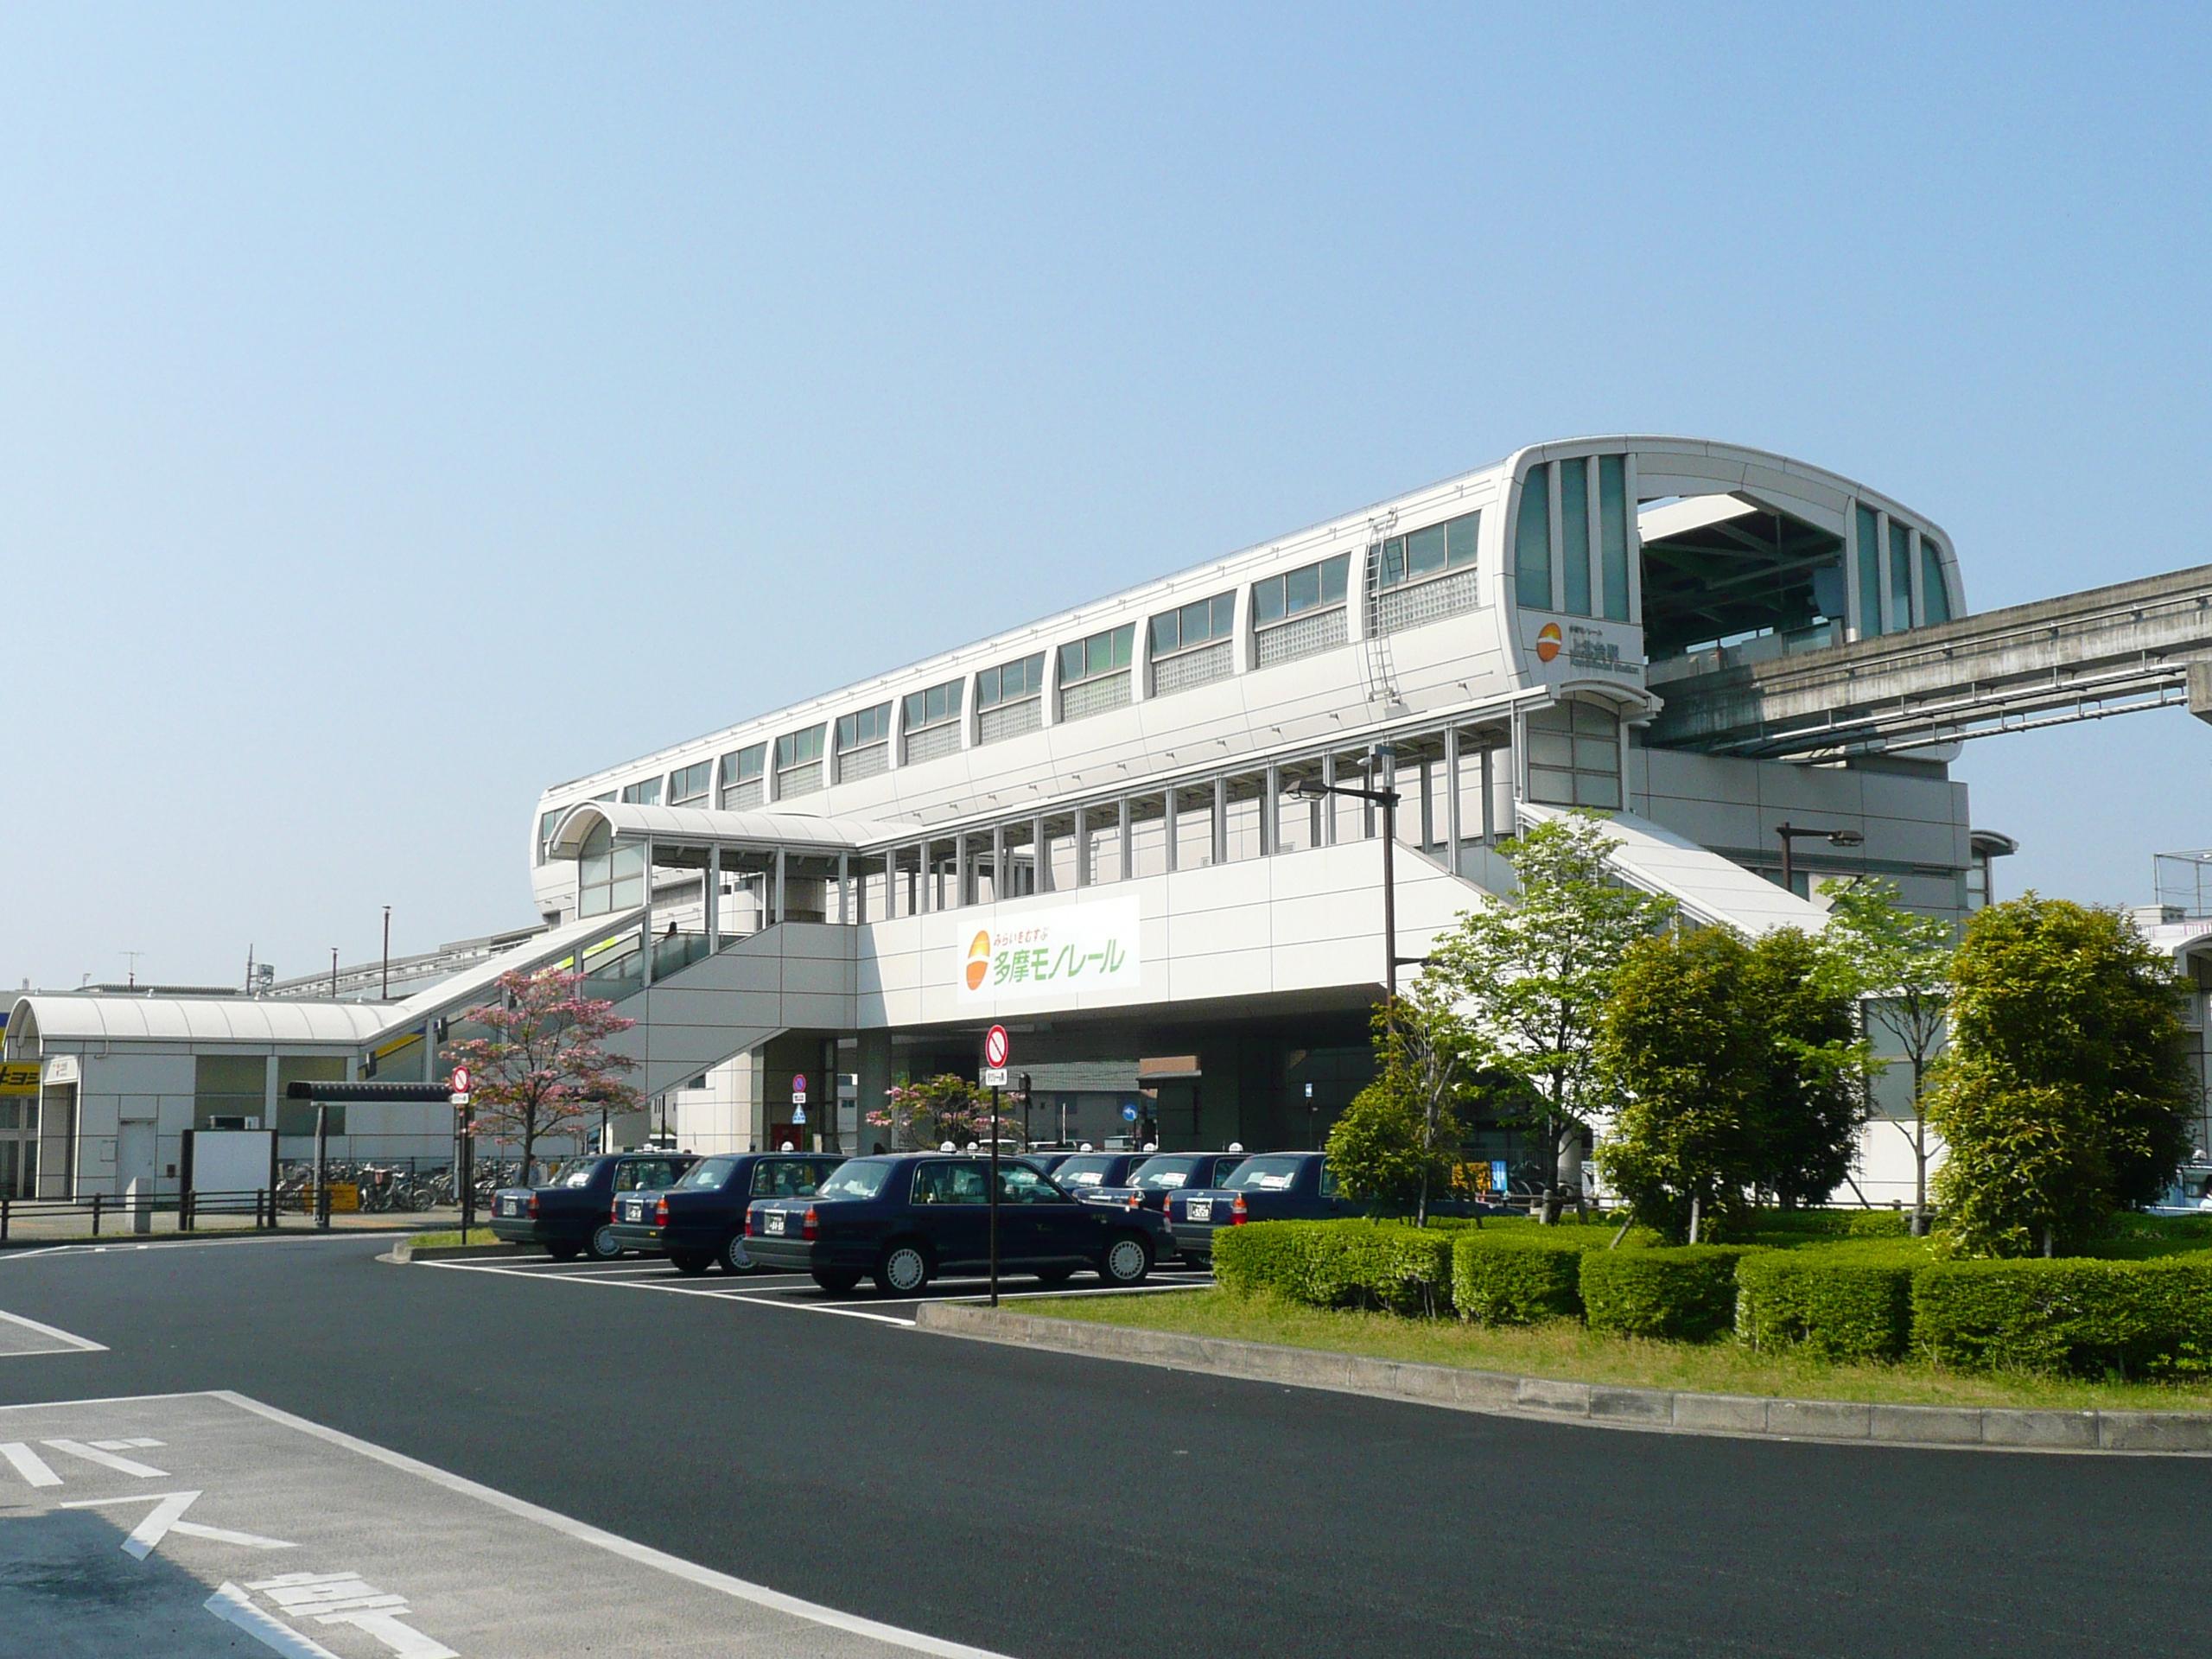 https://upload.wikimedia.org/wikipedia/commons/c/c7/Kamikitadai-Sta-1.JPG